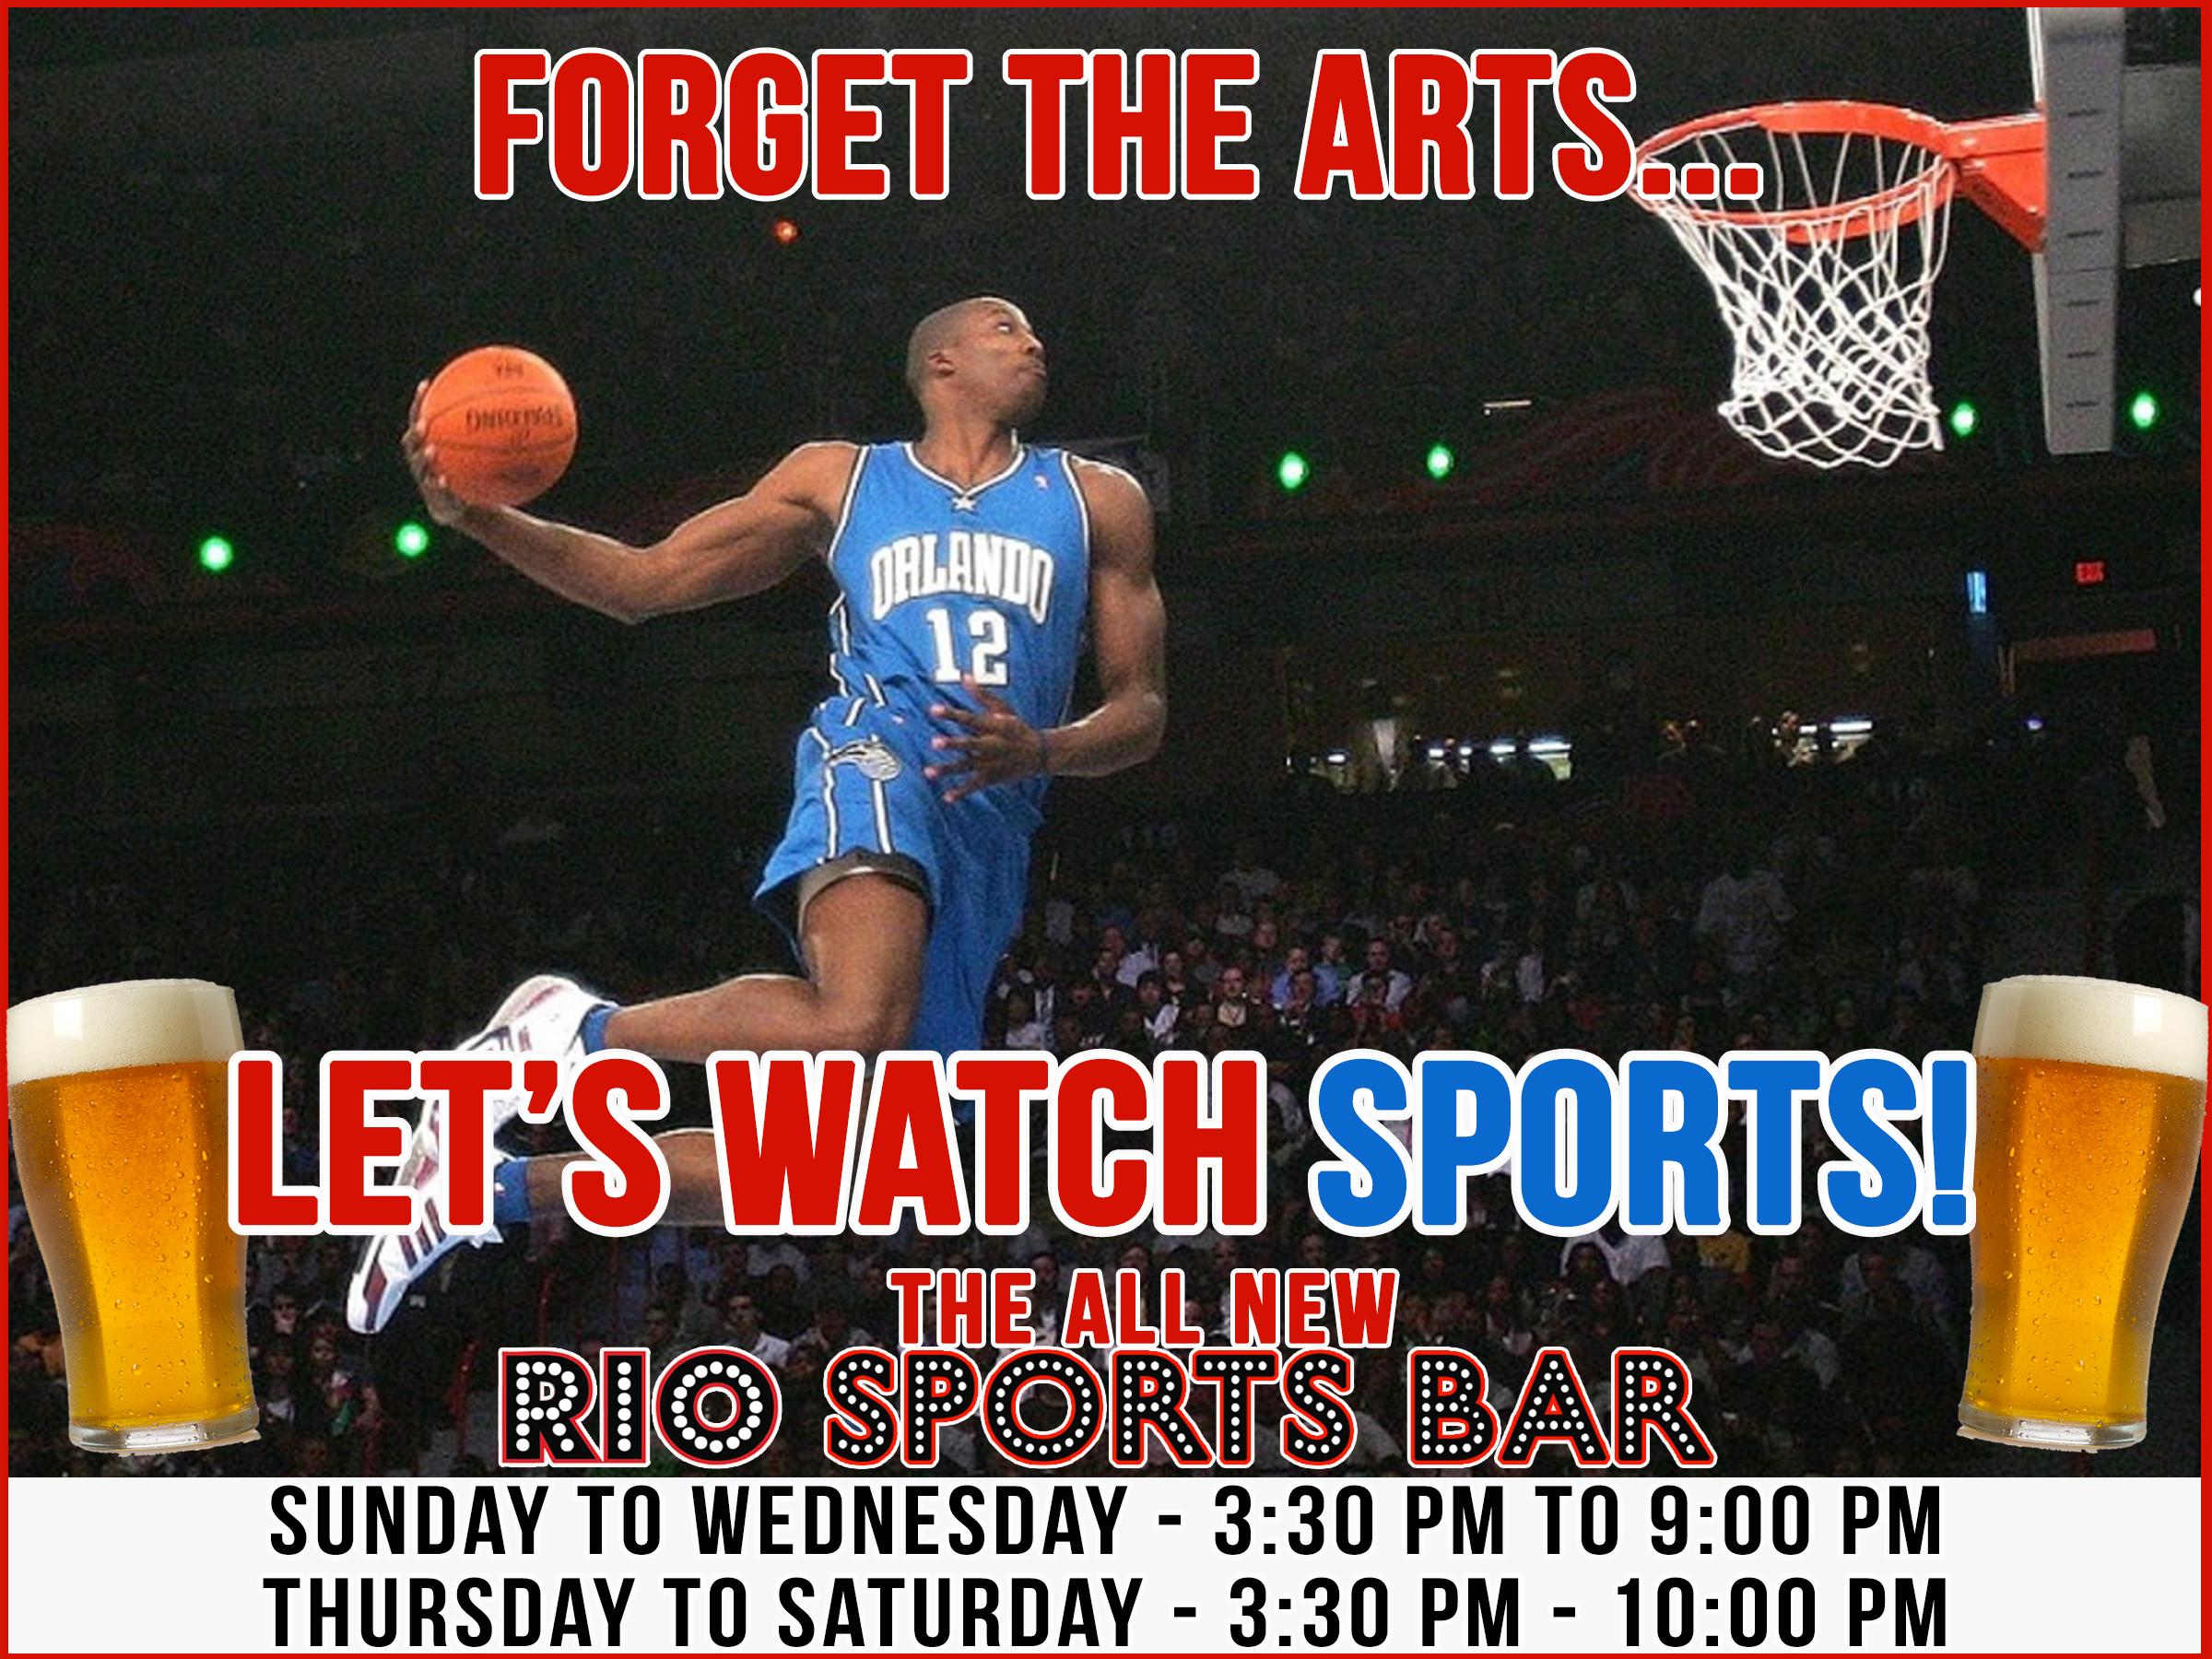 Thursday, June 10 / Bucks vs. Nets / 4:30 pm